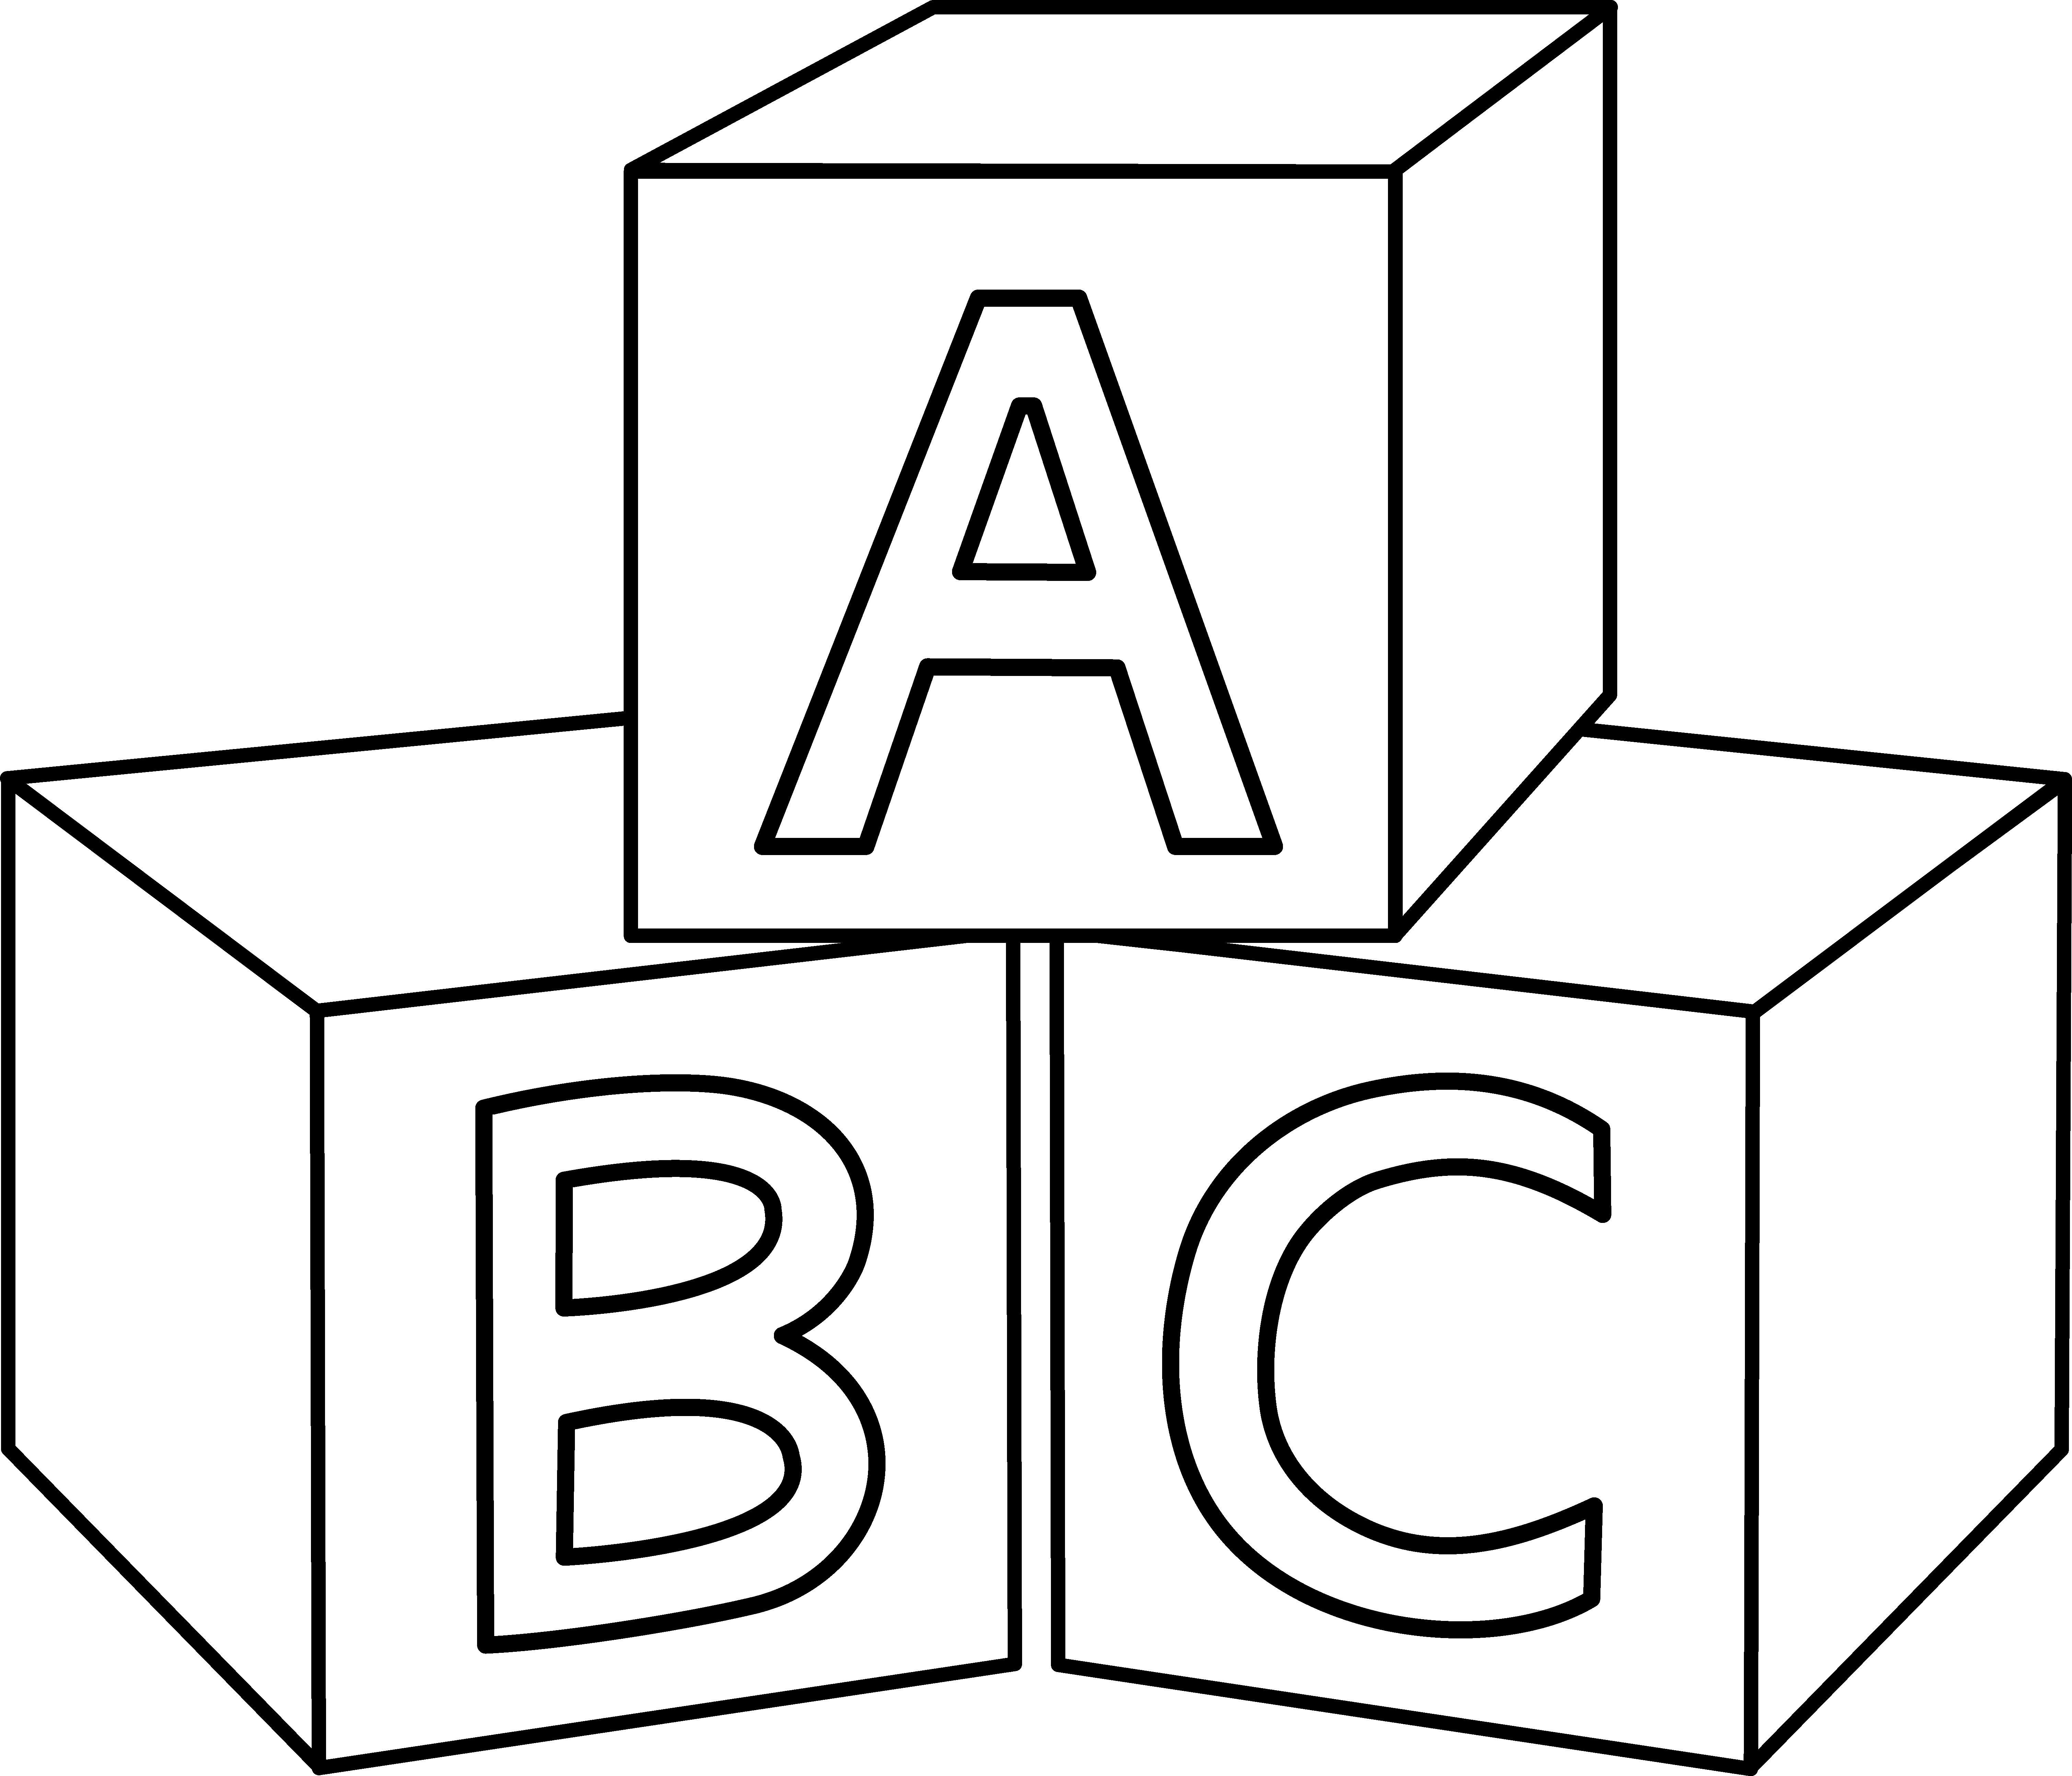 Infant clipart alphabet block. Abc blocks design mirror